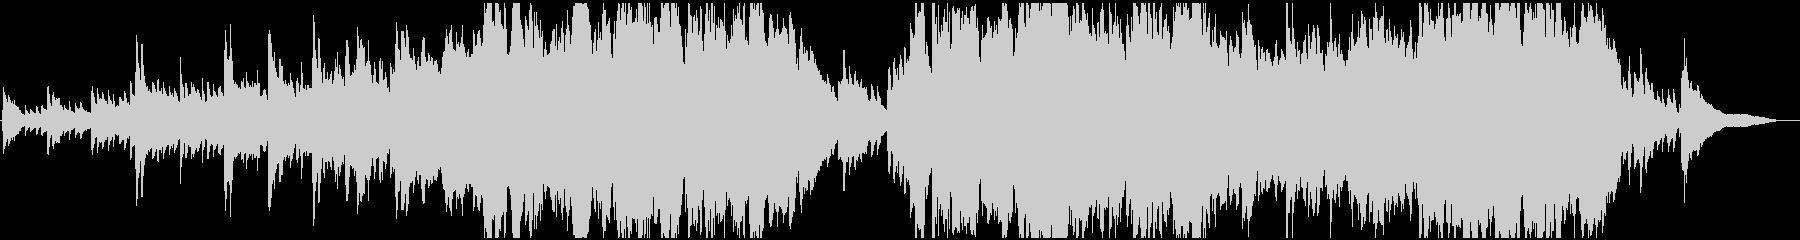 現代の交響曲 企業イメージ 感情的...の未再生の波形